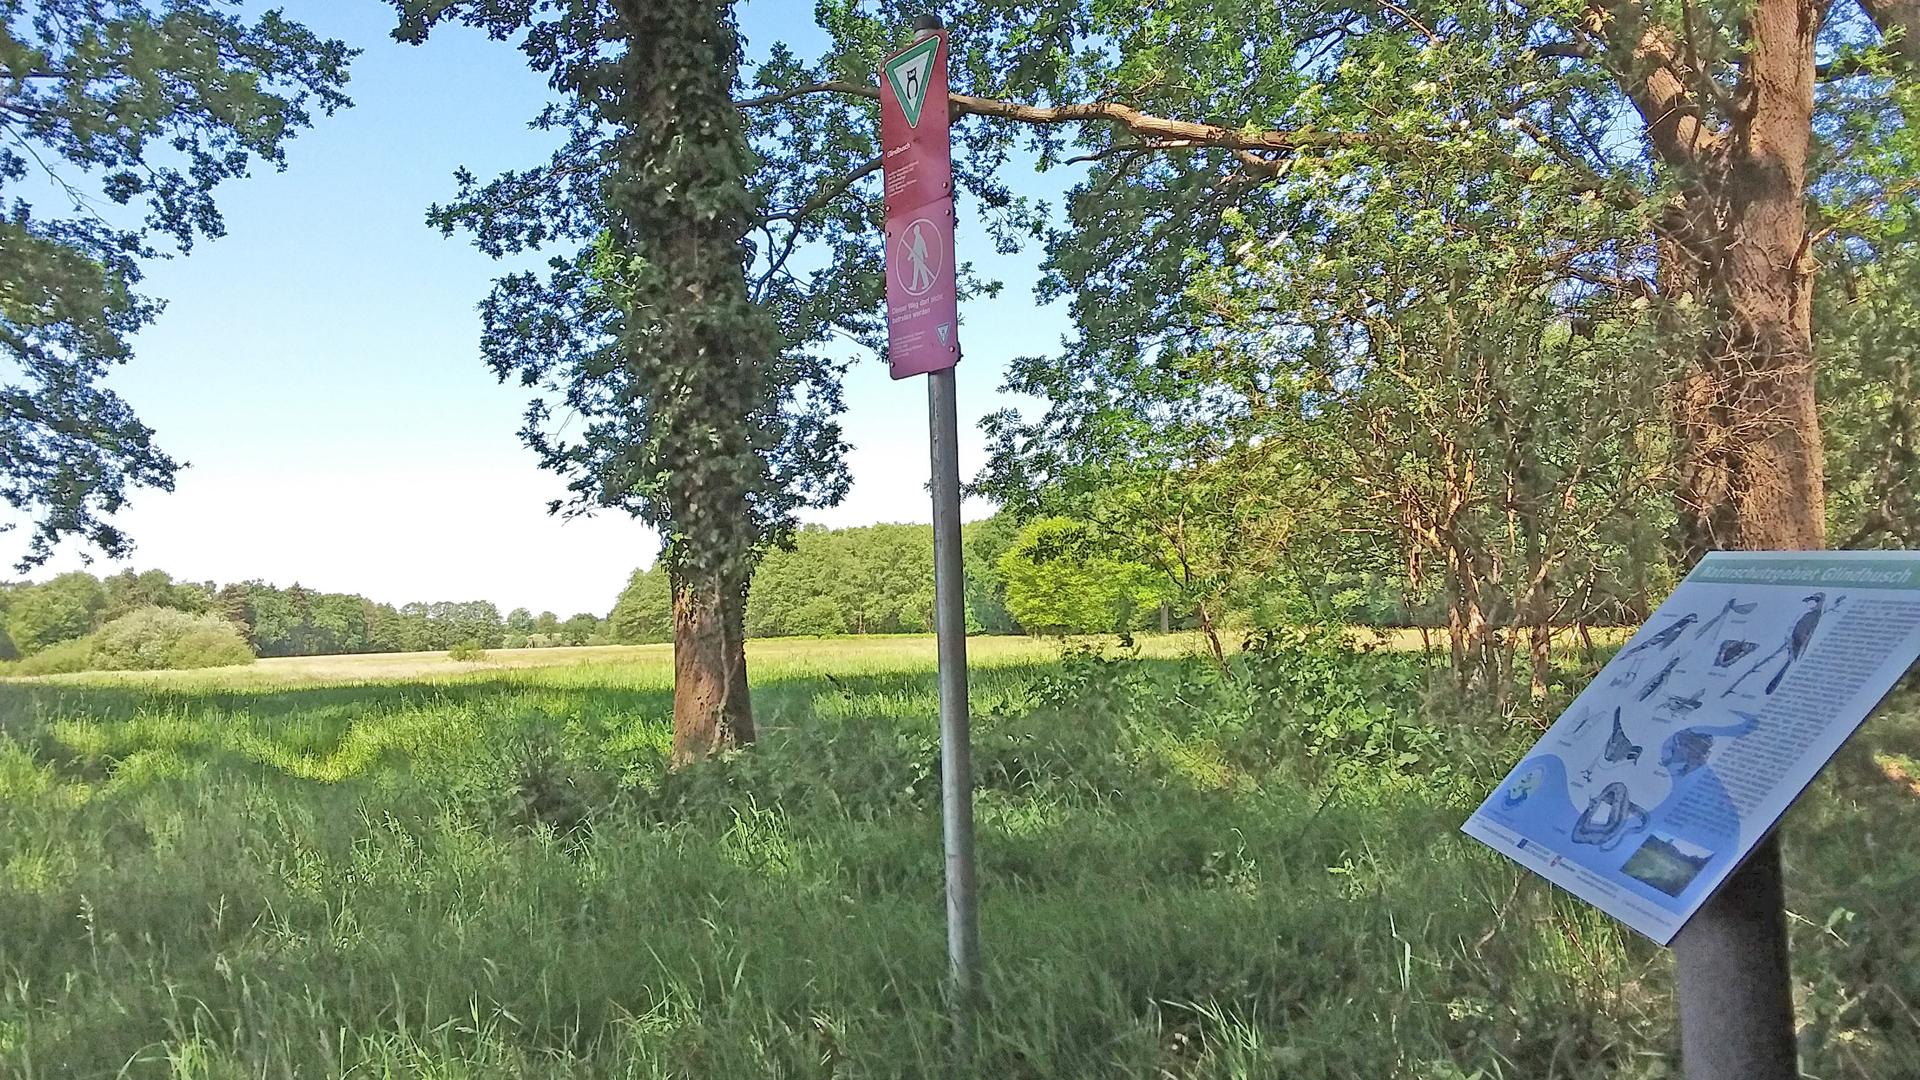 Der Glindbusch steht unter Naturschutz und darf nicht betreten werden